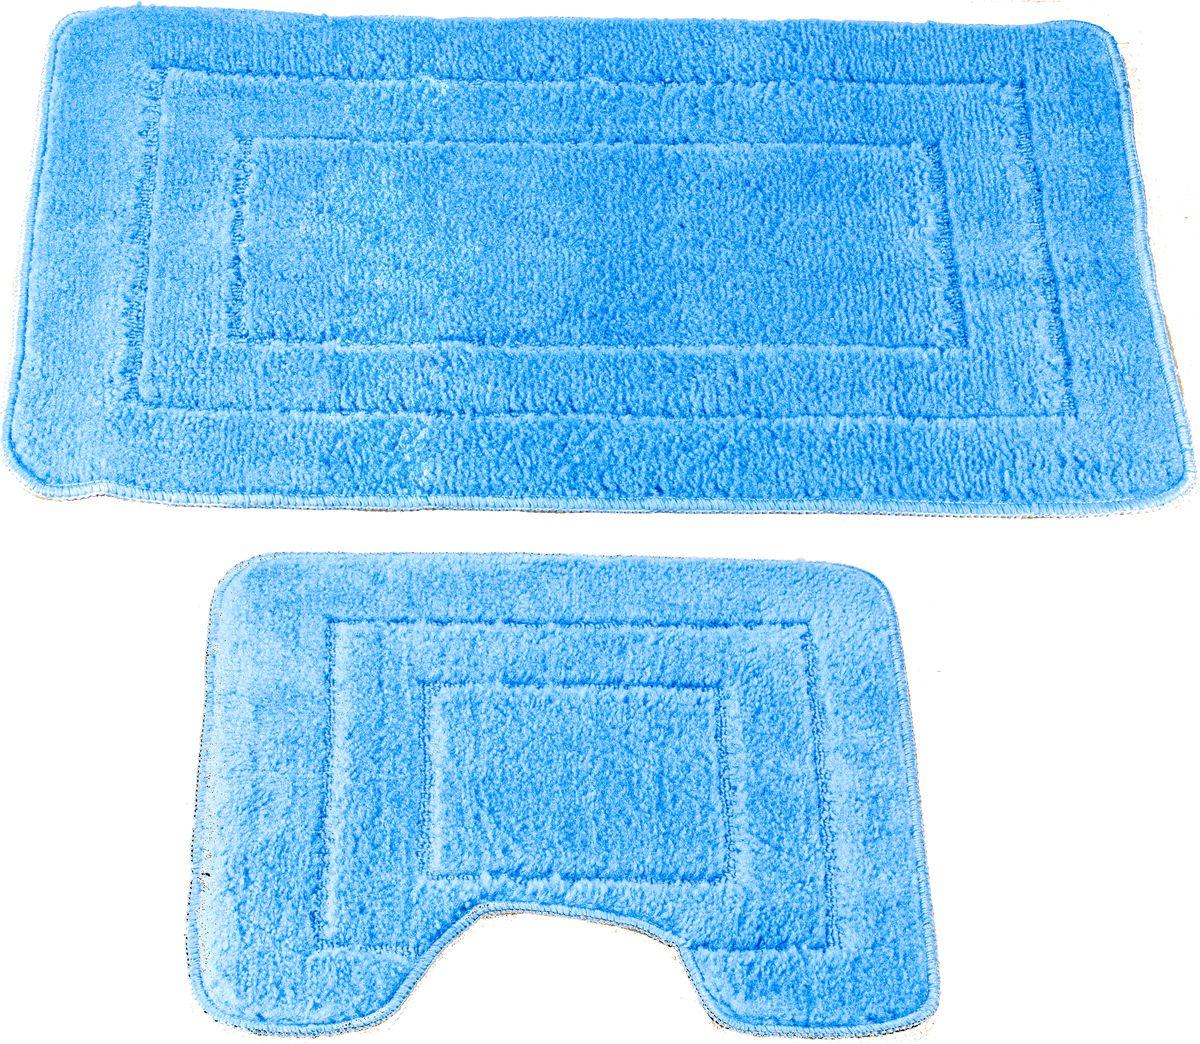 Набор ковриков для ванной Swensa Como, цвет: голубой, 45 х 70 см, 45 х 45 см, 2 штSWMS-1030-SKYНабор ковриков Como — аксессуар для ванной комнаты, сочетающий отличные эксплуатационные характеристики с привлекательной расцветкой. Изделие выполнено из гипоаллергенного и износостойкого полипропиленового волокна. Рельефный ворс различной длины обеспечивает приятные тактильные ощущения и легкий массажный эффект. Края обработаны оверлоком, что предохраняет коврик от разлохмачивания и деформации. Рекомендована деликатная машинная стирка.